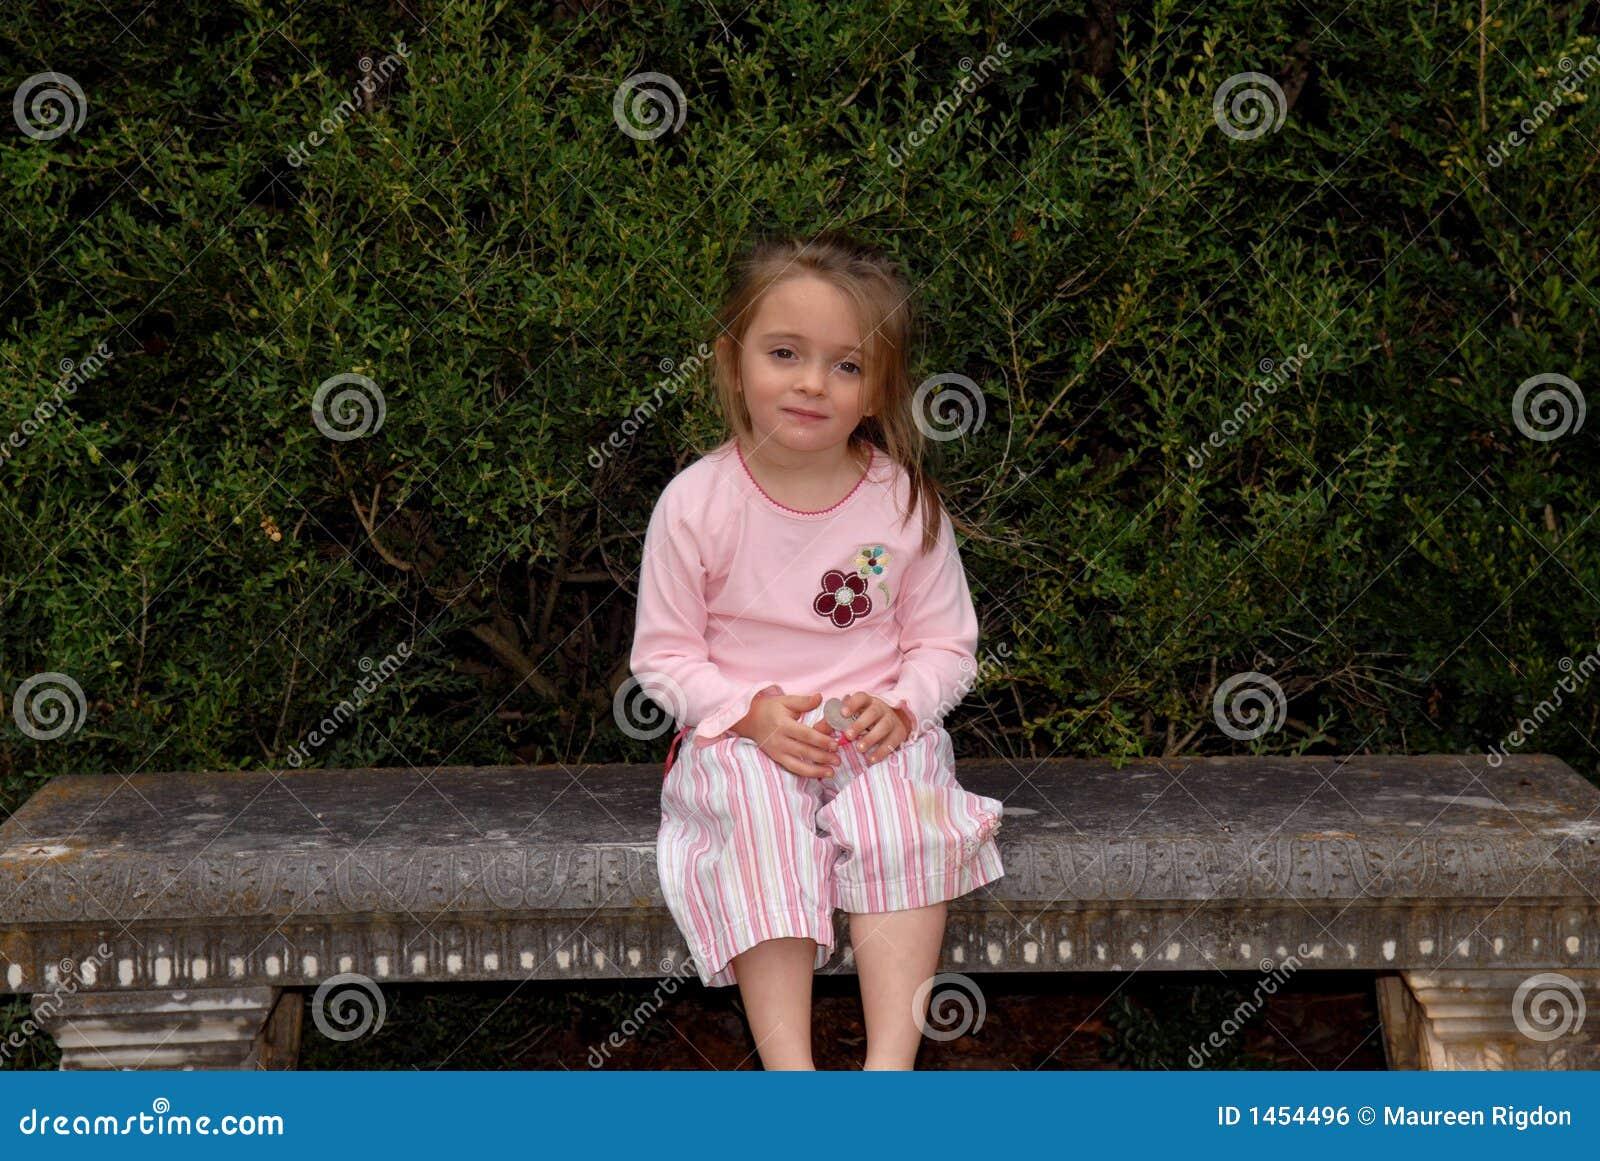 Little Girl Sitting On Garden Bench Royalty Free Stock